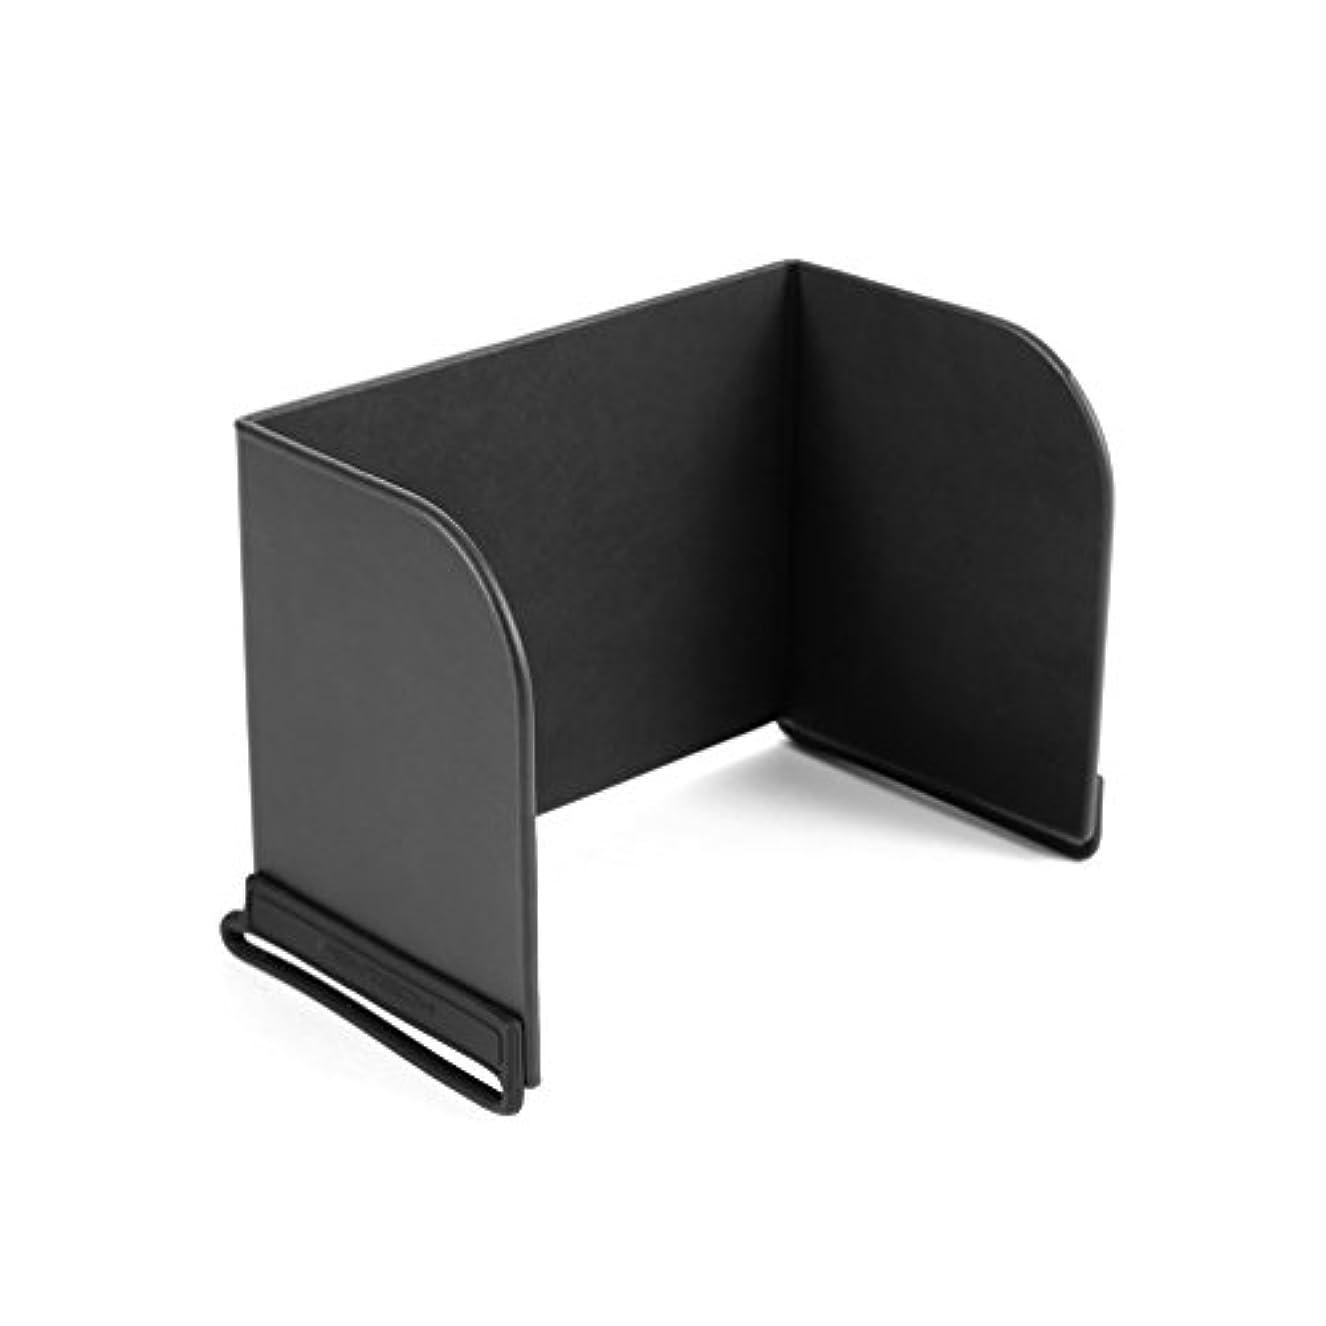 予約好ましい含むZEEY DJI Mavicのリモートコントローラ電話/タブレットモニターサンシェード DJI Mavic Pro / Mavic Air / Spark / Phantom / Inspire / OsmoのためのSun Cover (L111)